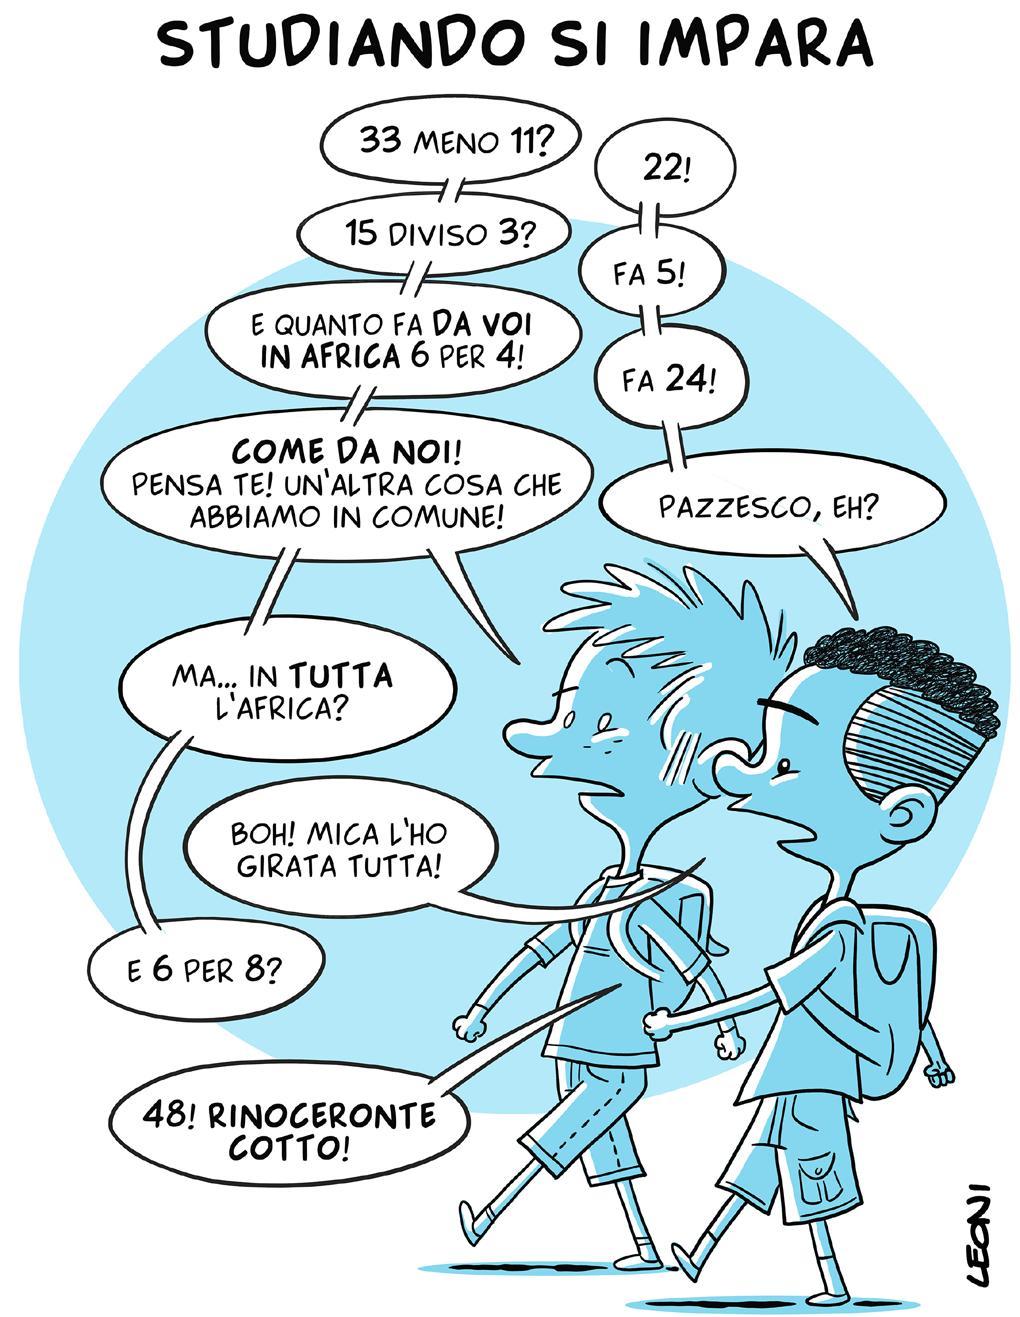 Leoni vignetta Prisma Magazine